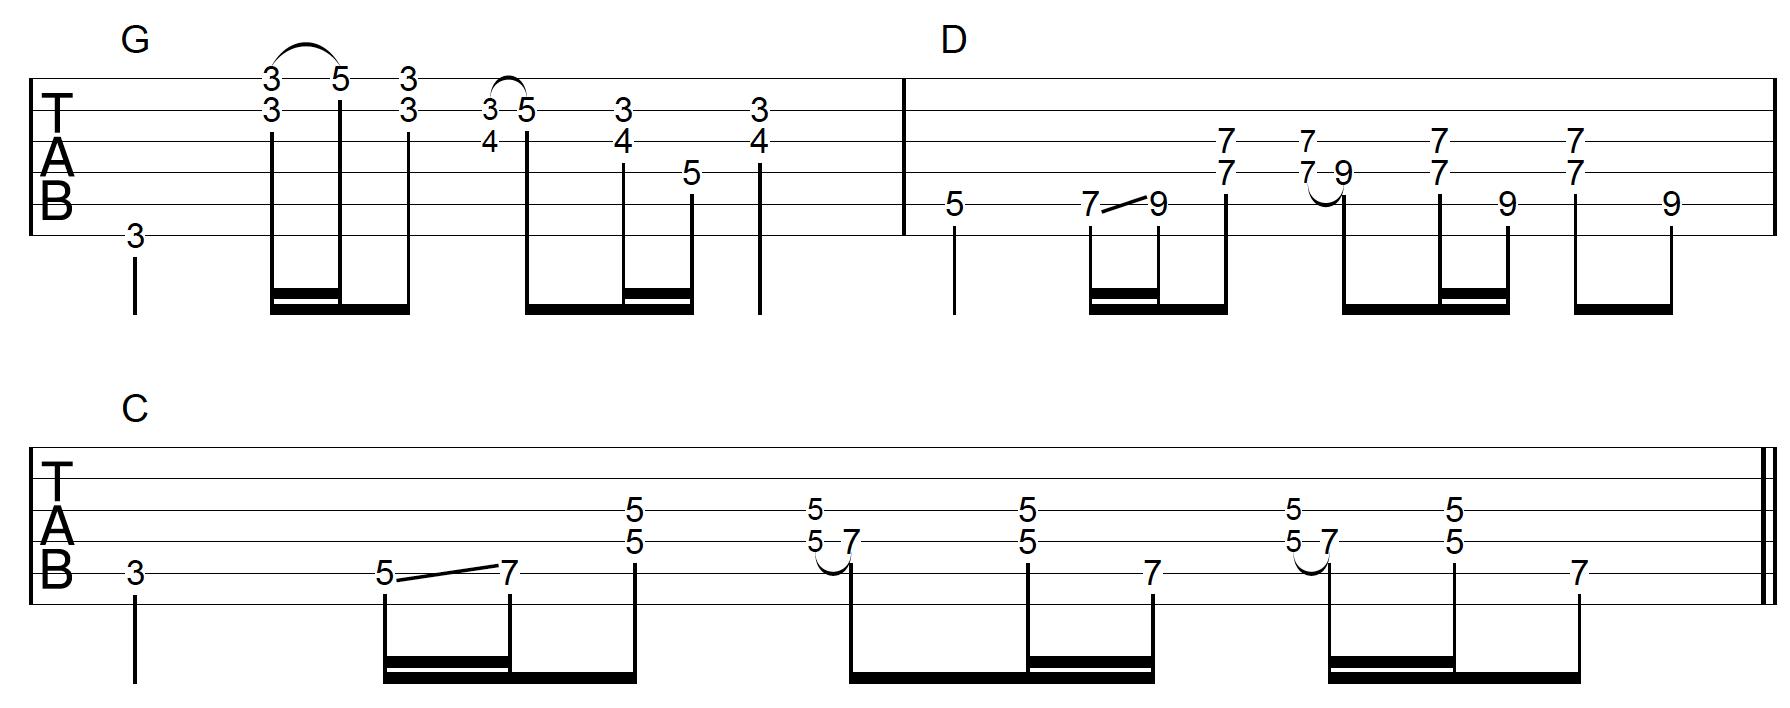 Rhythm Guitar Chord Fill Application 2